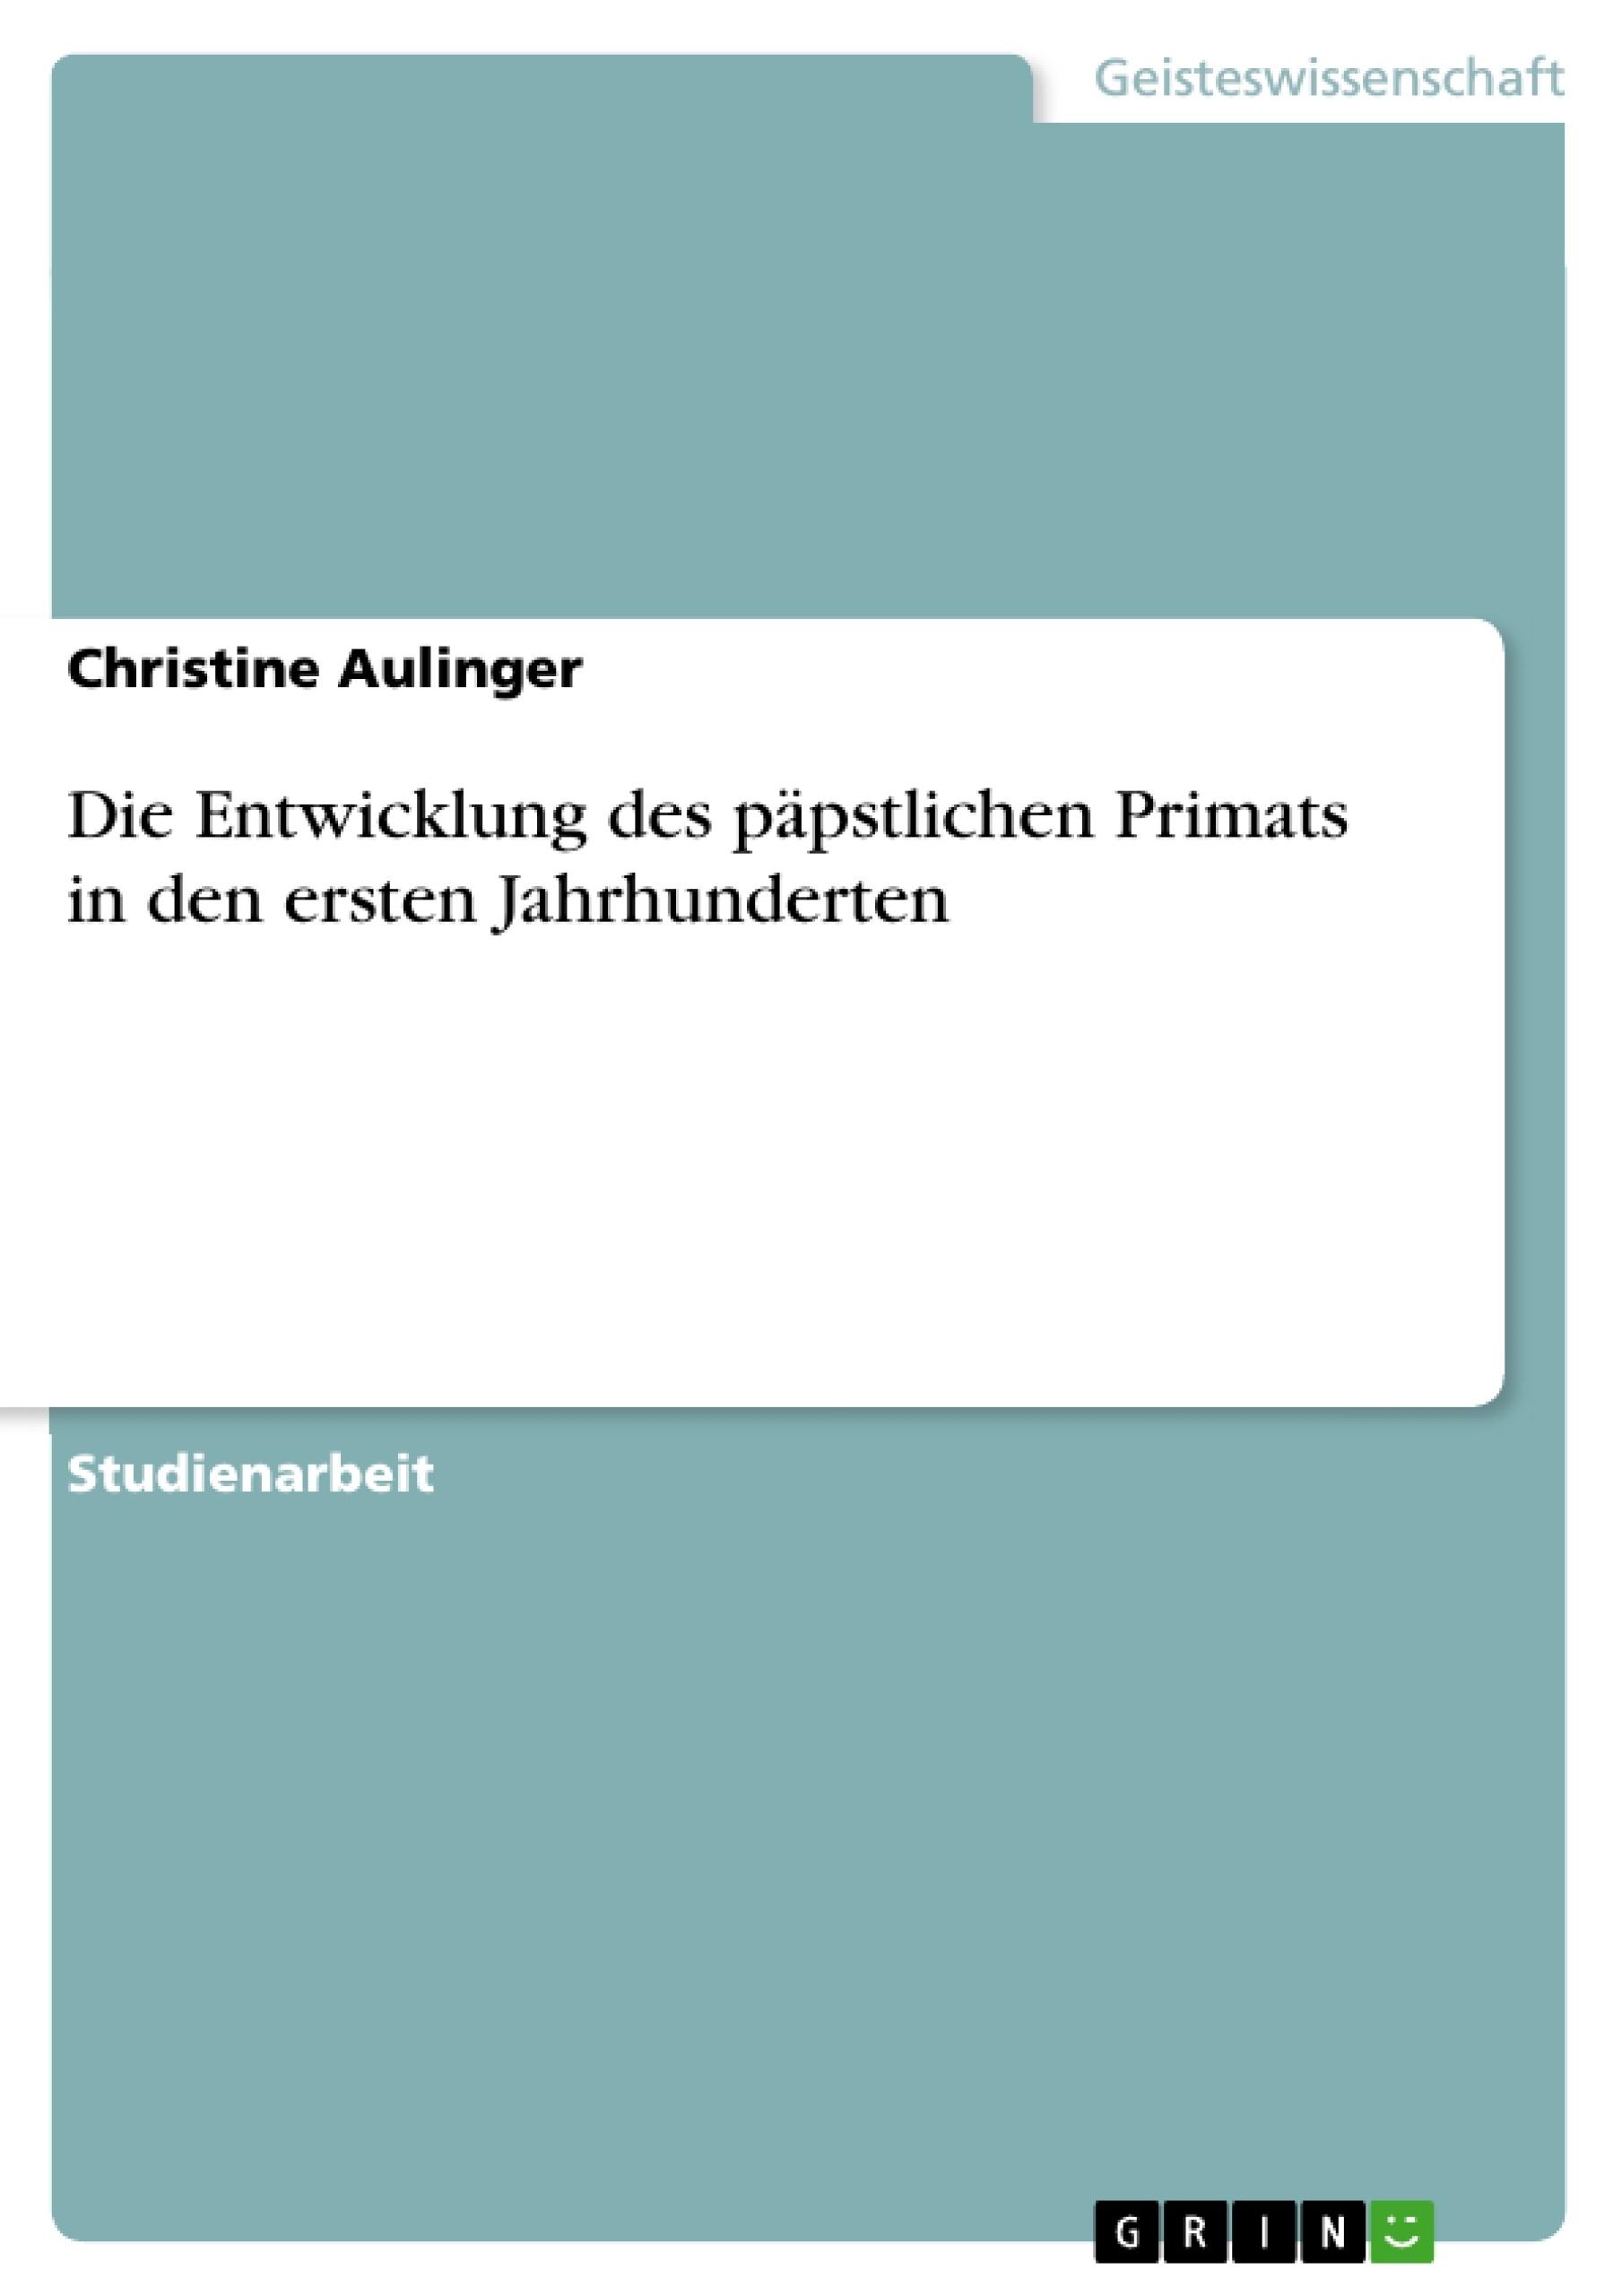 Titel: Die Entwicklung des päpstlichen Primats in den ersten Jahrhunderten